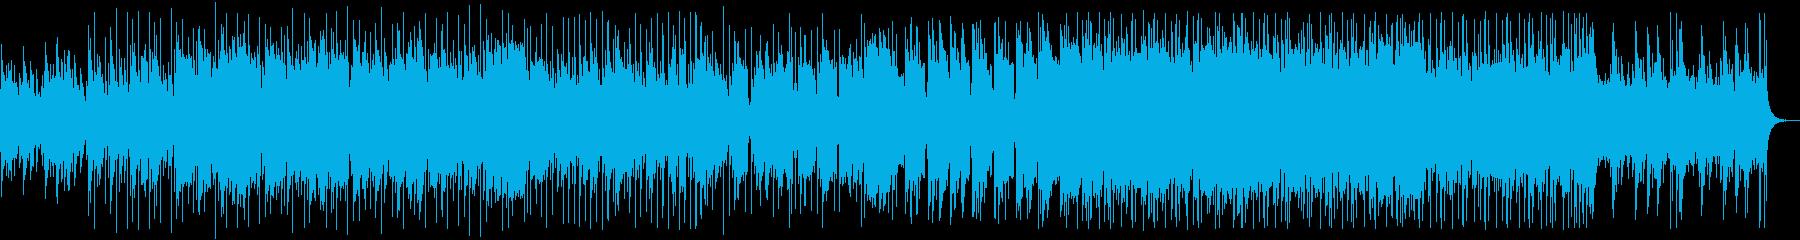 クラリネットとガットギターの情熱的な曲の再生済みの波形